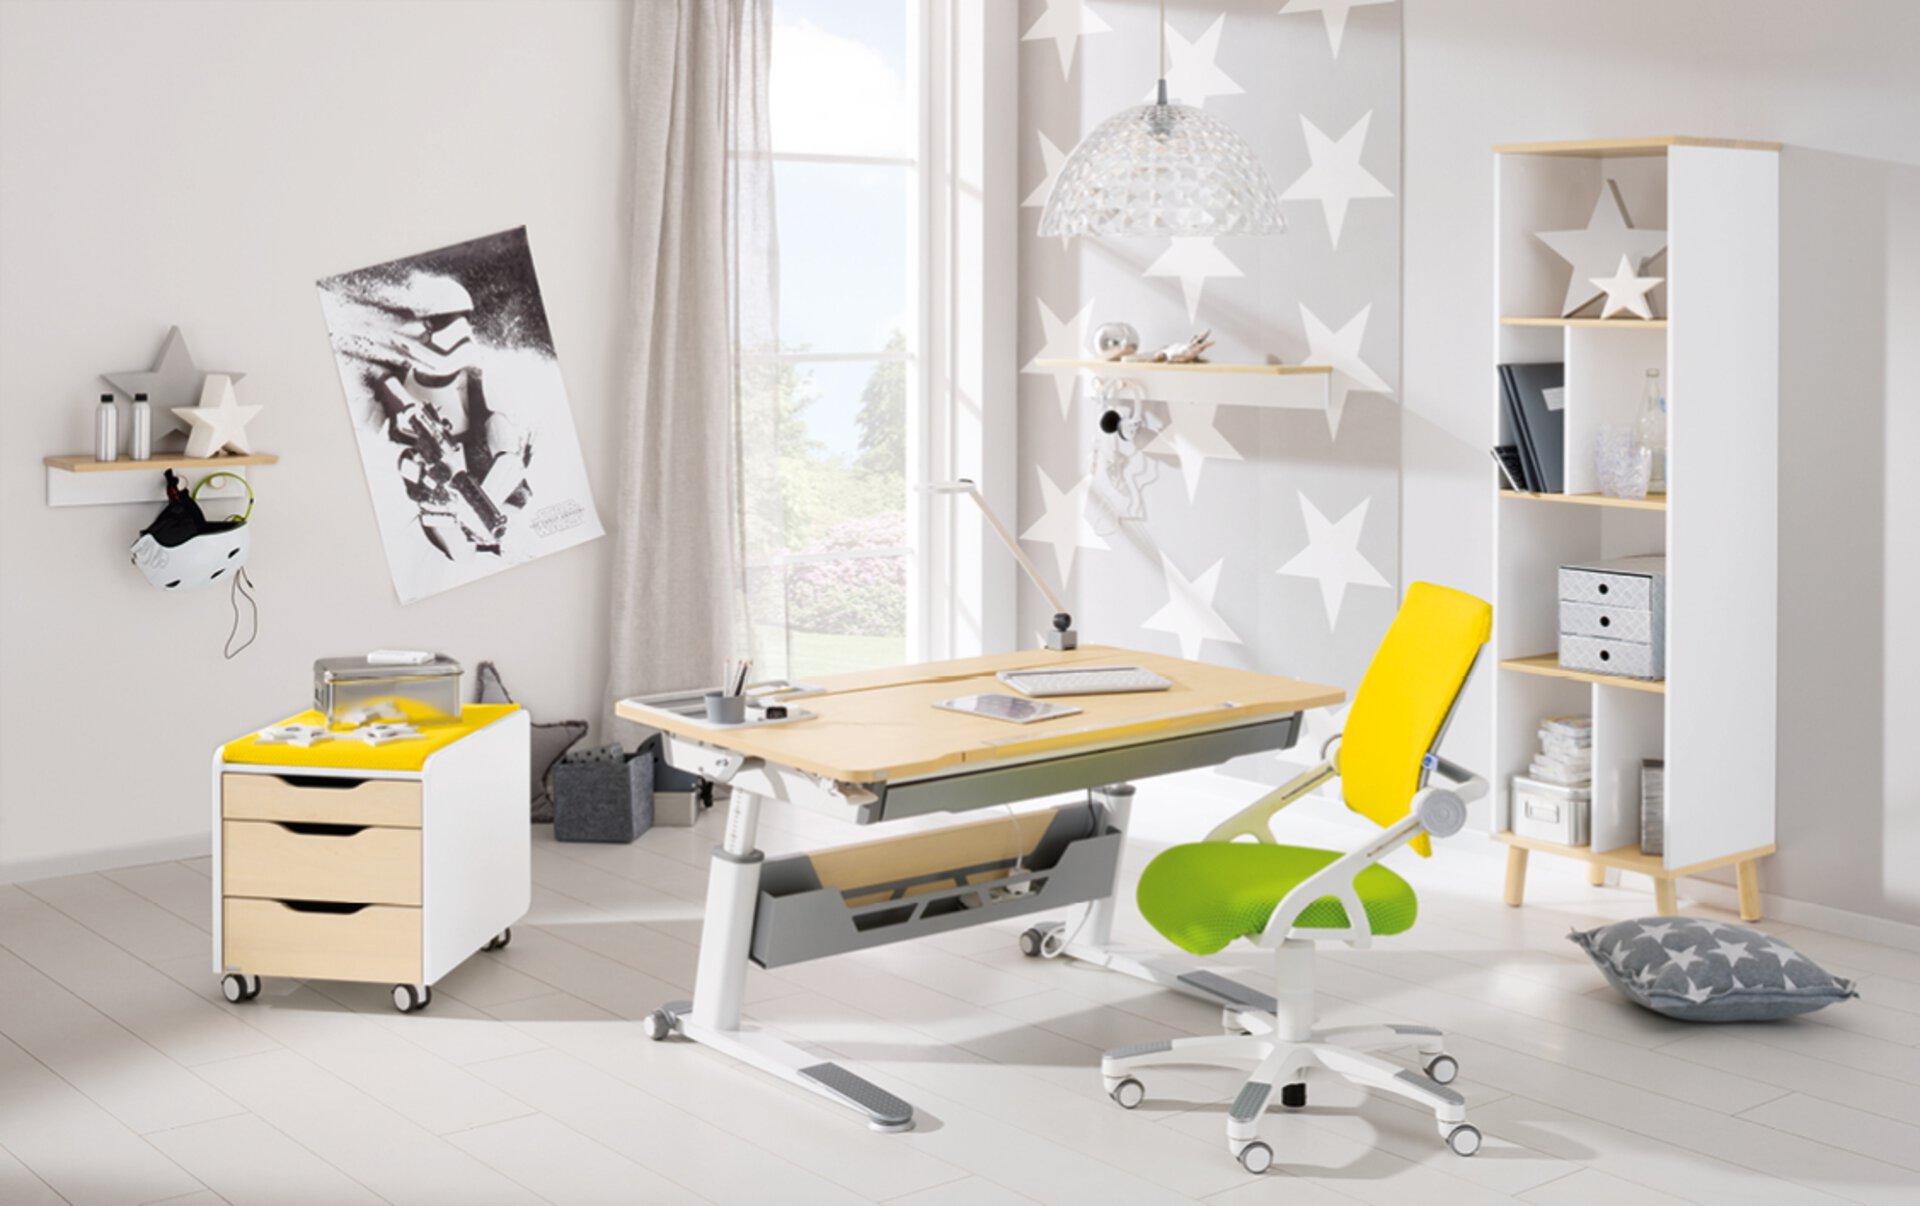 Schreibtisch JARO PAIDI Holzwerkstoff 76 x 76 x 120 cm